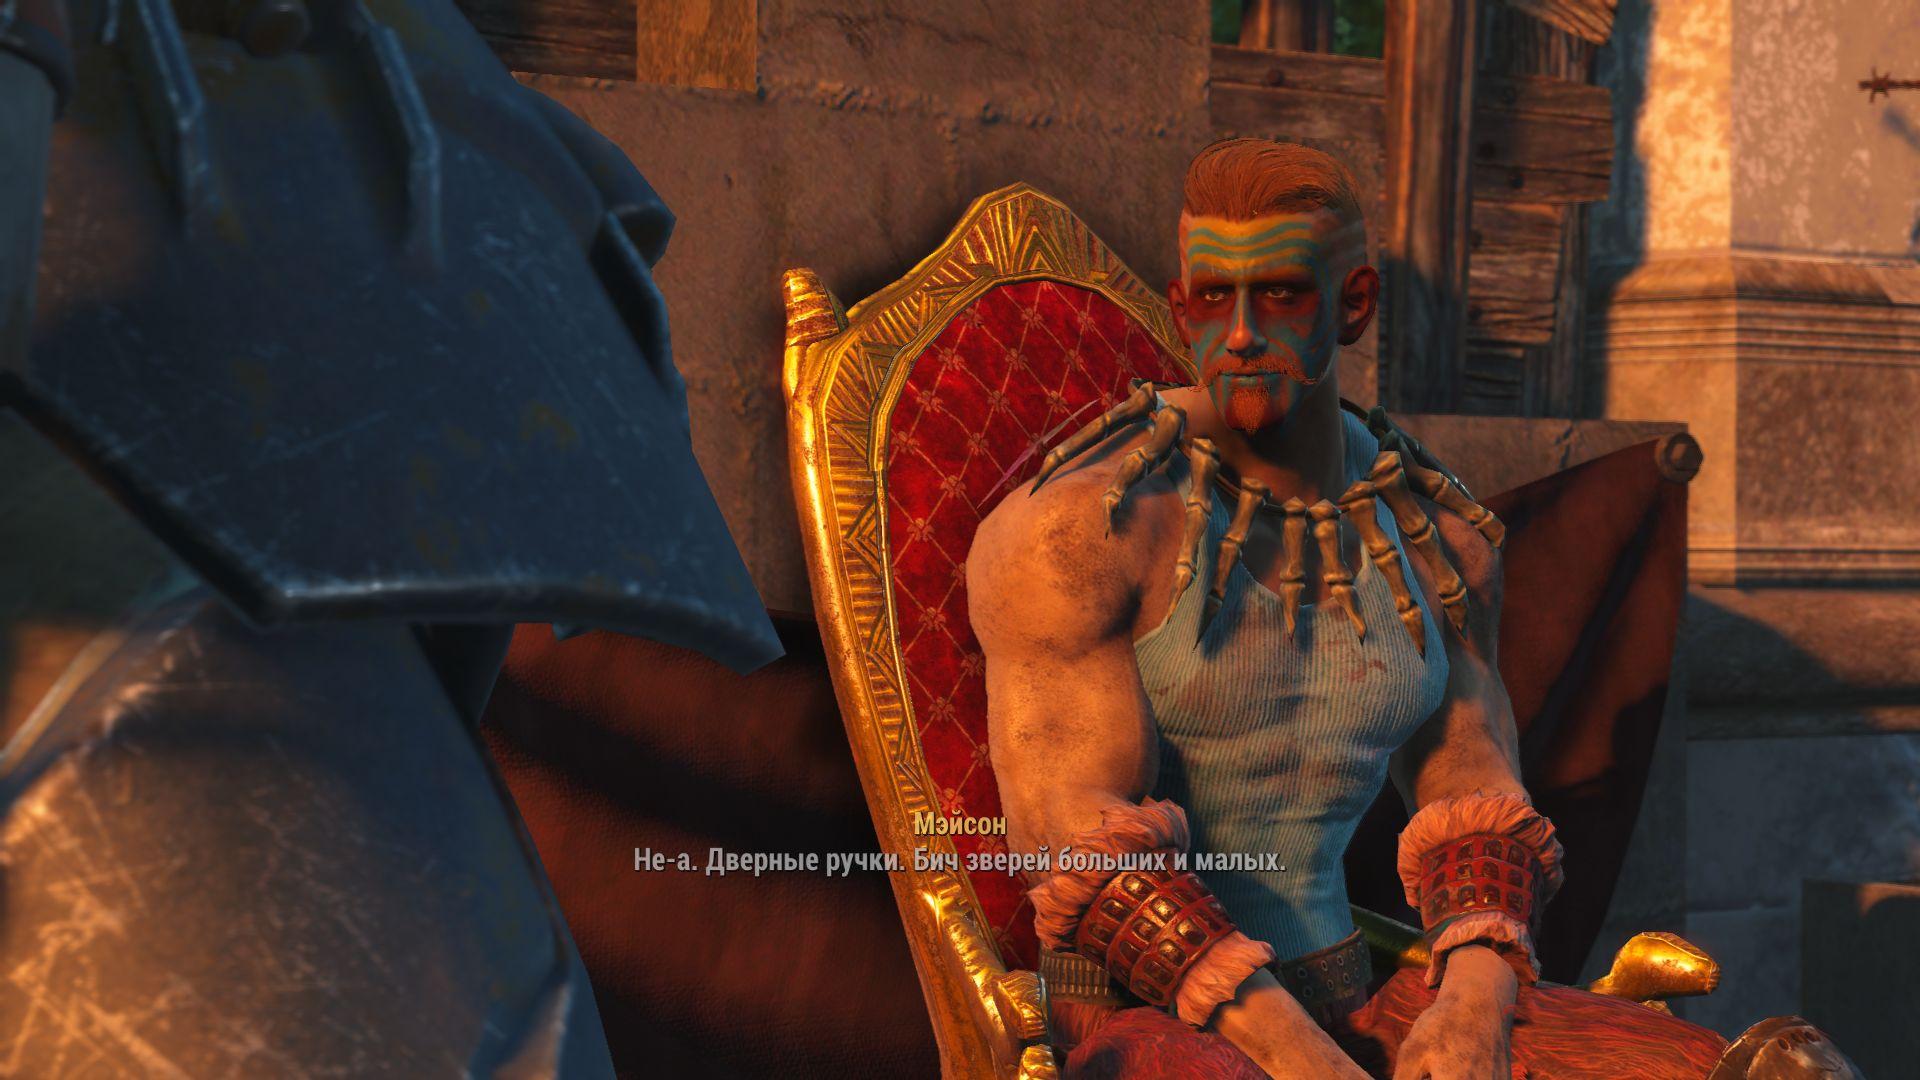 Мэйсон, глава рейдеров Стая - Fallout 4 Мэйсон, Ньюка-ворлд, рейдеры, Стая, ядер-мир